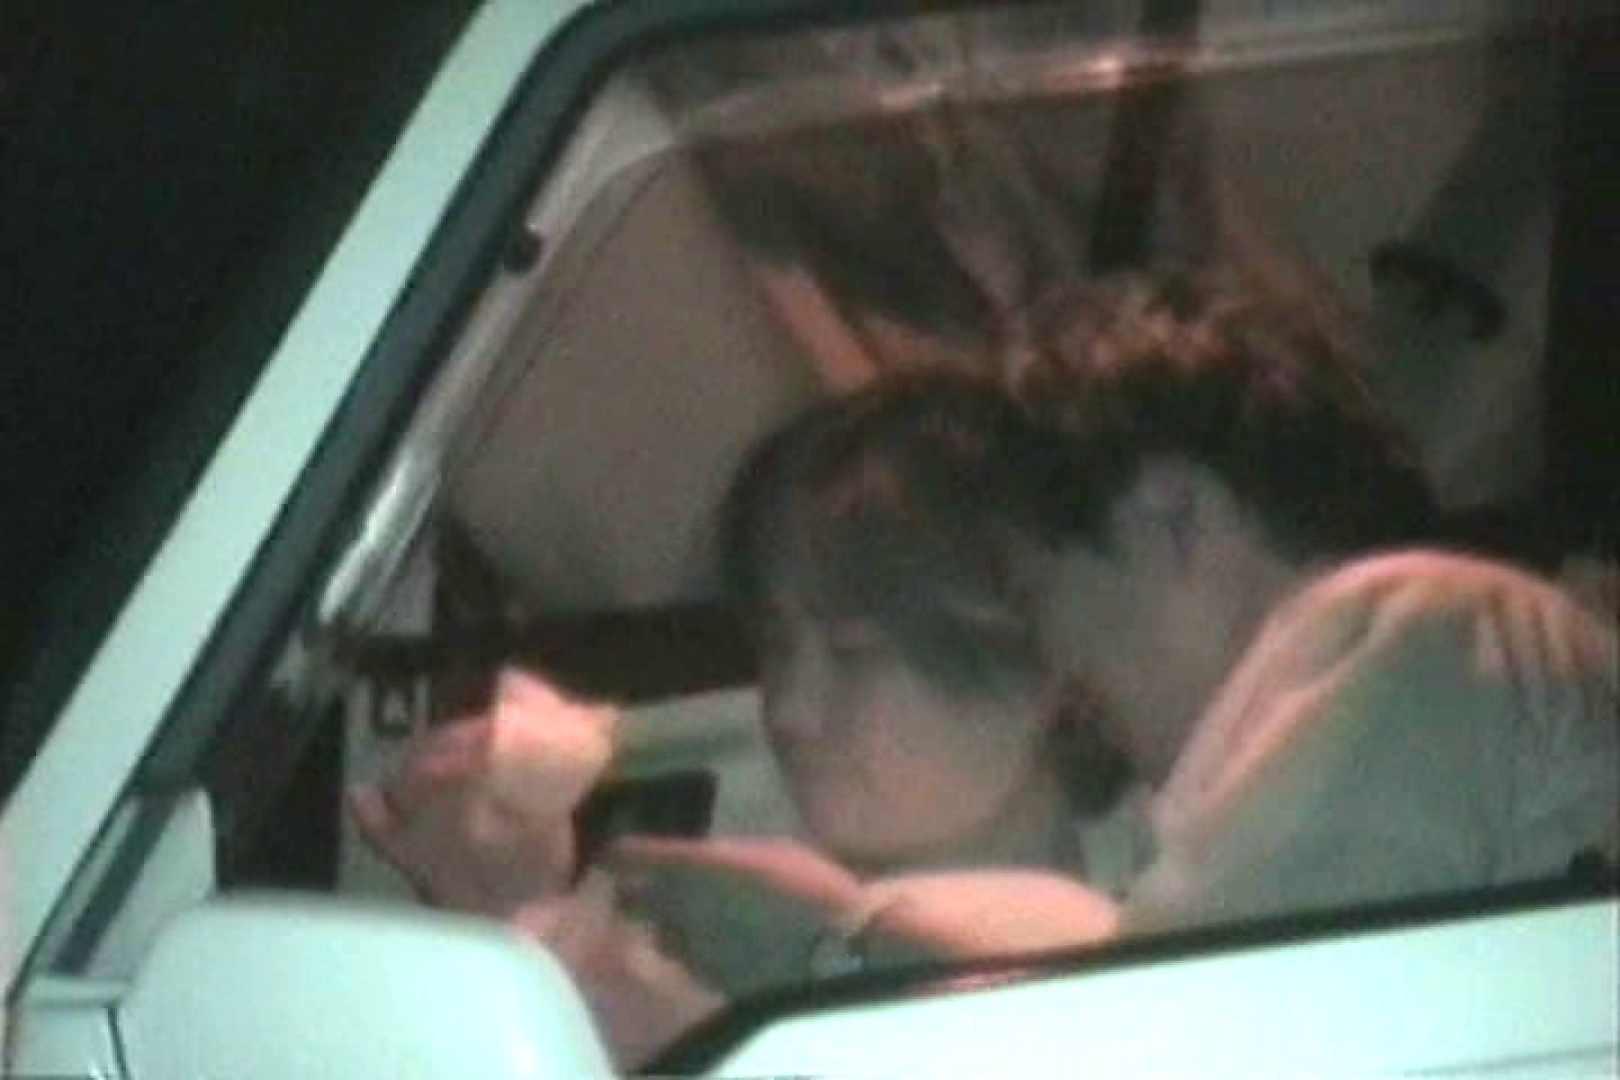 車の中はラブホテル 無修正版  Vol.23 カップル盗撮 おまんこ無修正動画無料 81画像 68